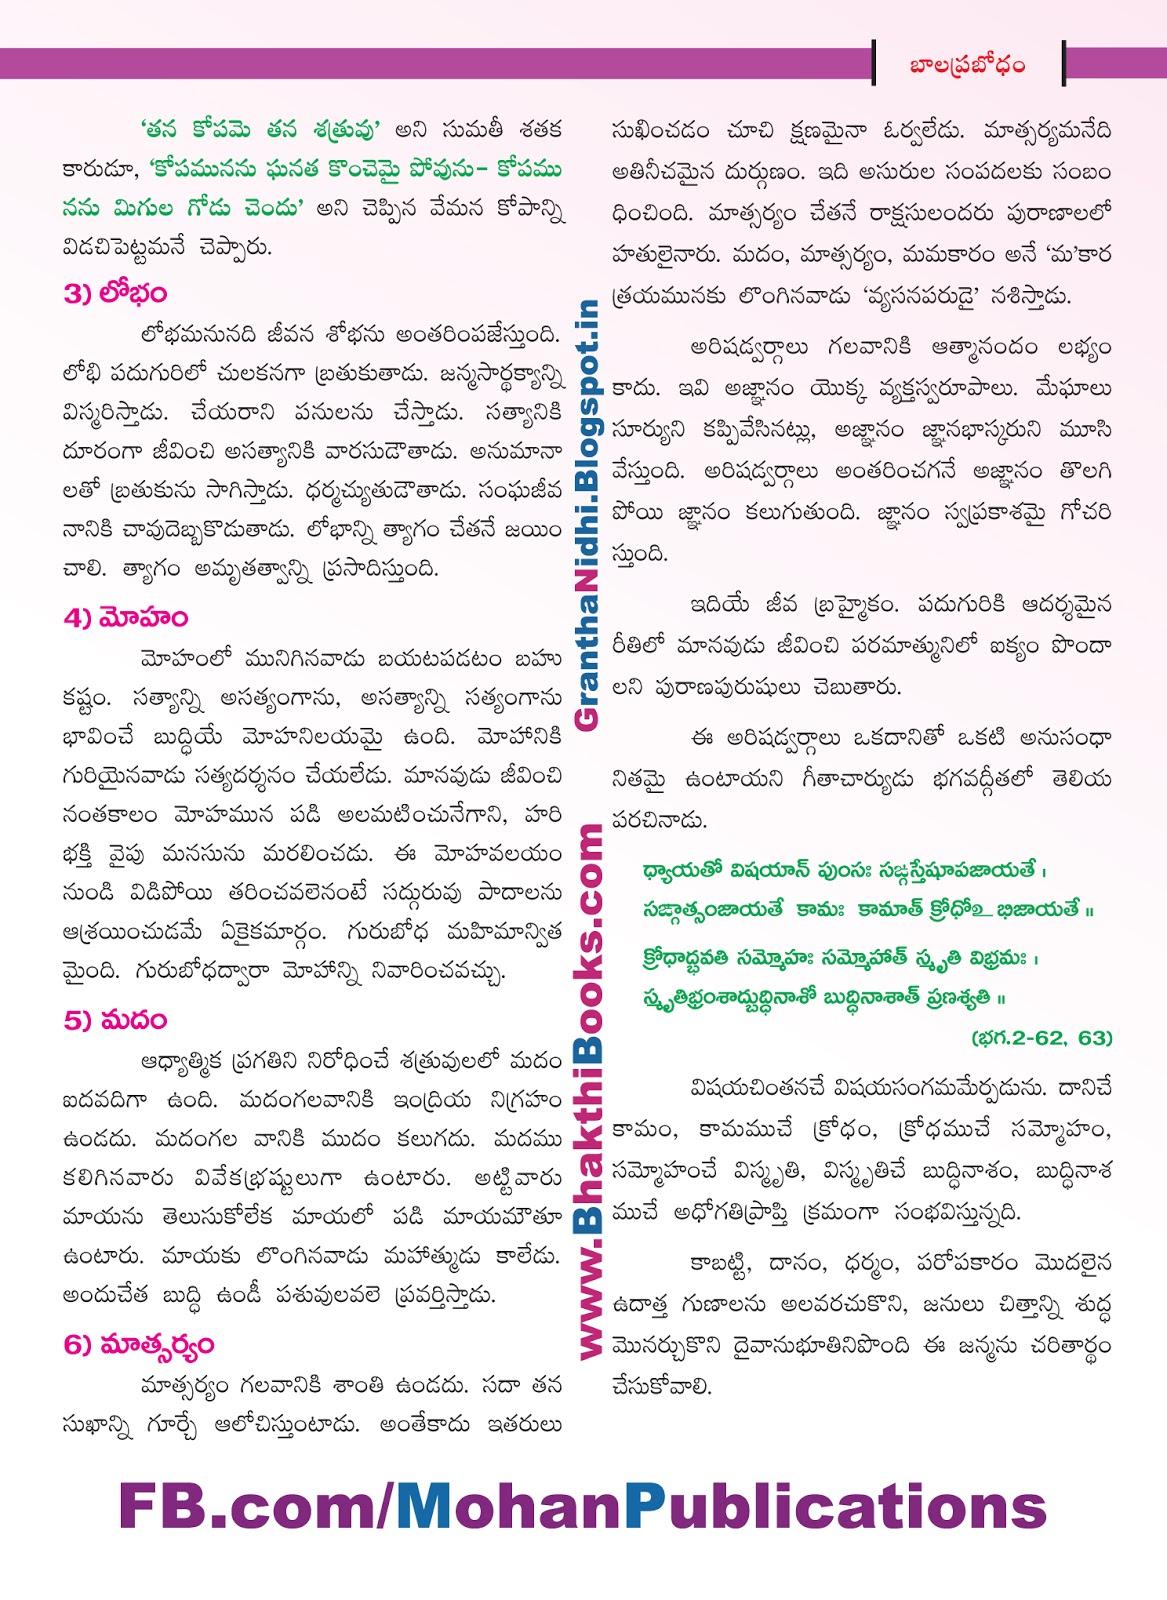 అంతశ్శత్రువులు | Inner Foe | Kama | Krodha | Lobha | Madha | Matsara | Arishadvargalu | Arishadvargas | Mohanpublications | Granthanidhi | Bhakthipustakalu | Bhakthi Pustakalu | Bhaktipustakalu | Bhakti Pustakalu | BhakthiBooks | MohanBooks | Bhakthi | Bhakti | Telugu Books | Telugubooks | TTD | TTD Ebooks | Ebooks Tirumala | Tirumala | Tirupathi | Saptagiri | Tirumala Tirupathi Devastanams | Tirupathi Laddu | Tirupathi Prasadam